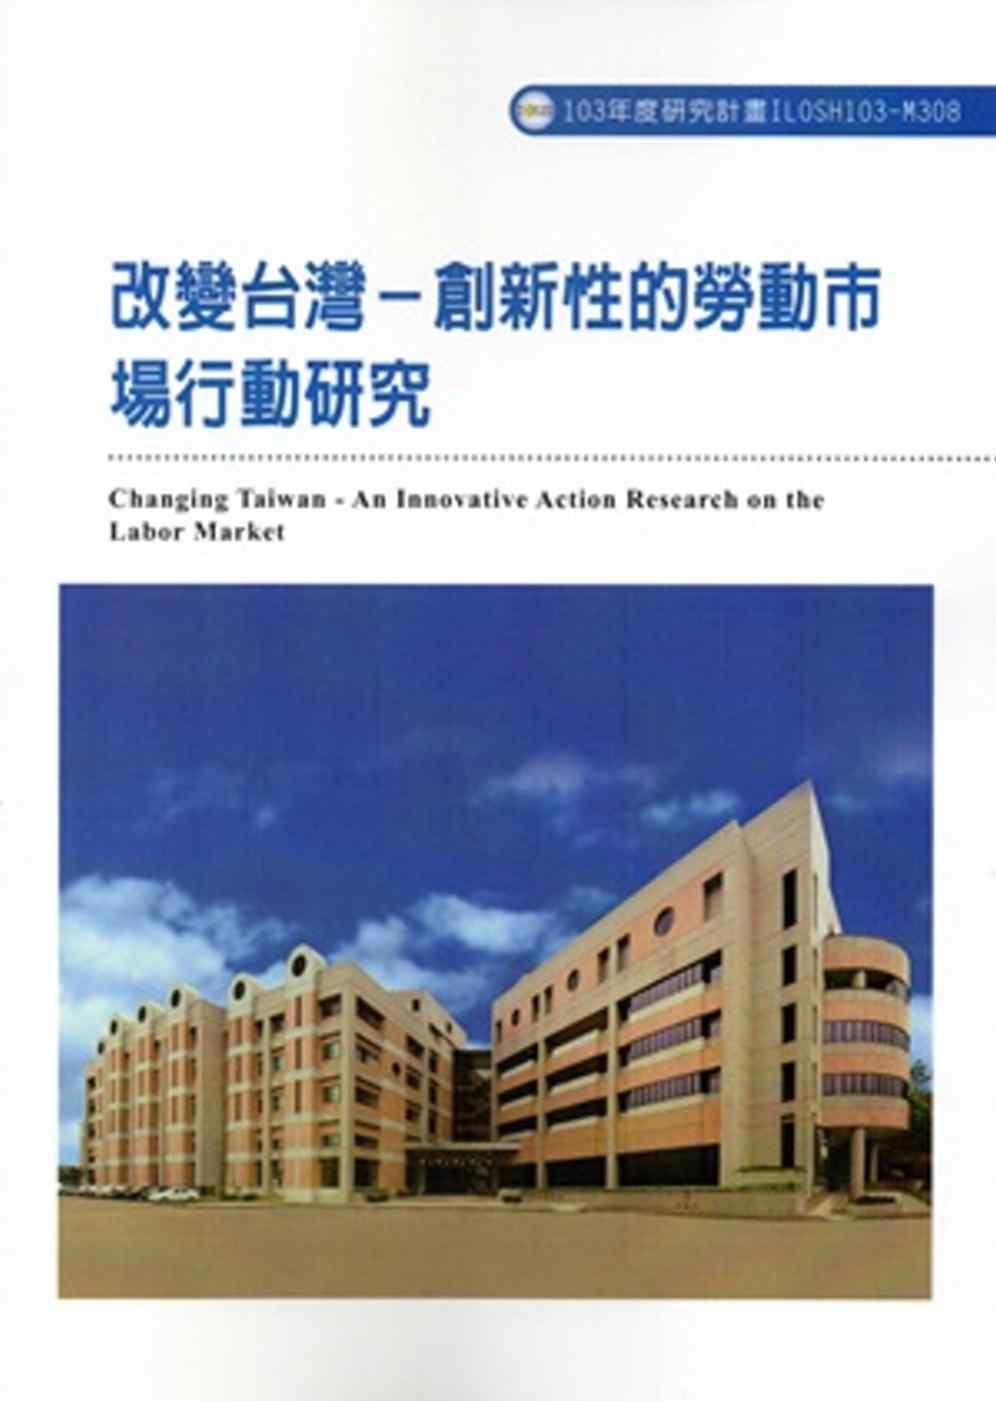 改變 :創新性的勞動市場行動研究ILOSH103~M308